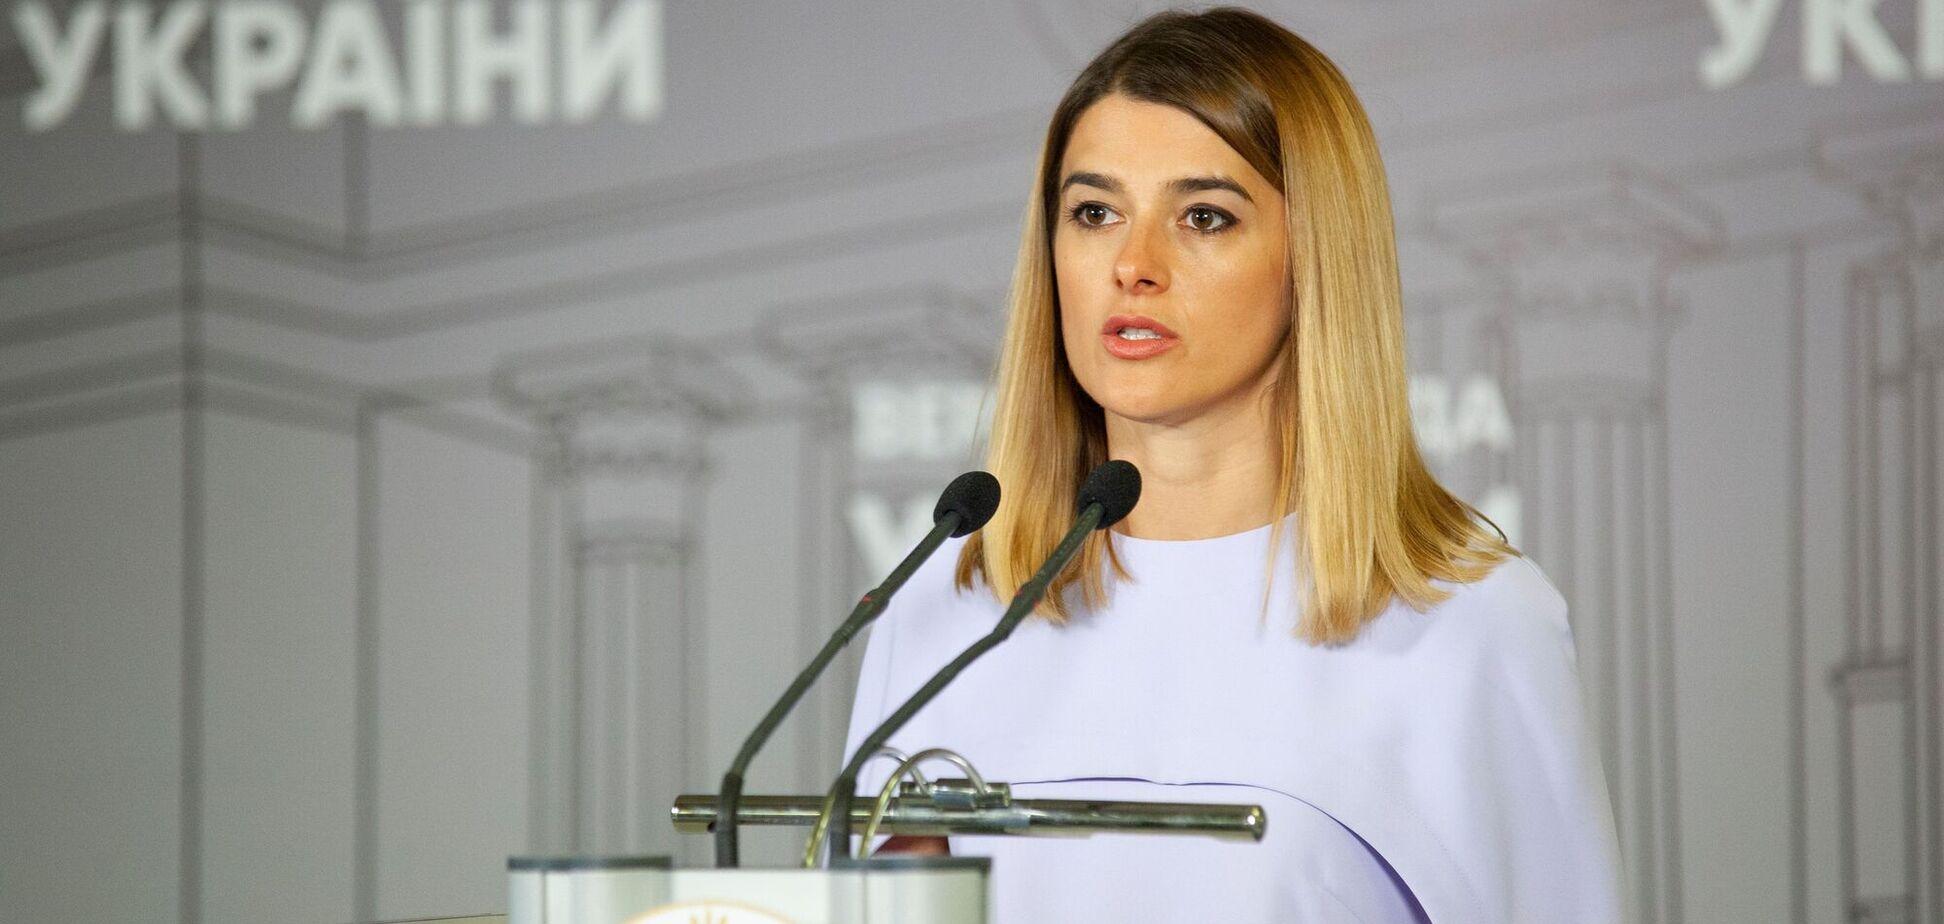 Депутат Билозир пришла в Раду в рубашке от Dior за 50 тысяч грн. Фото